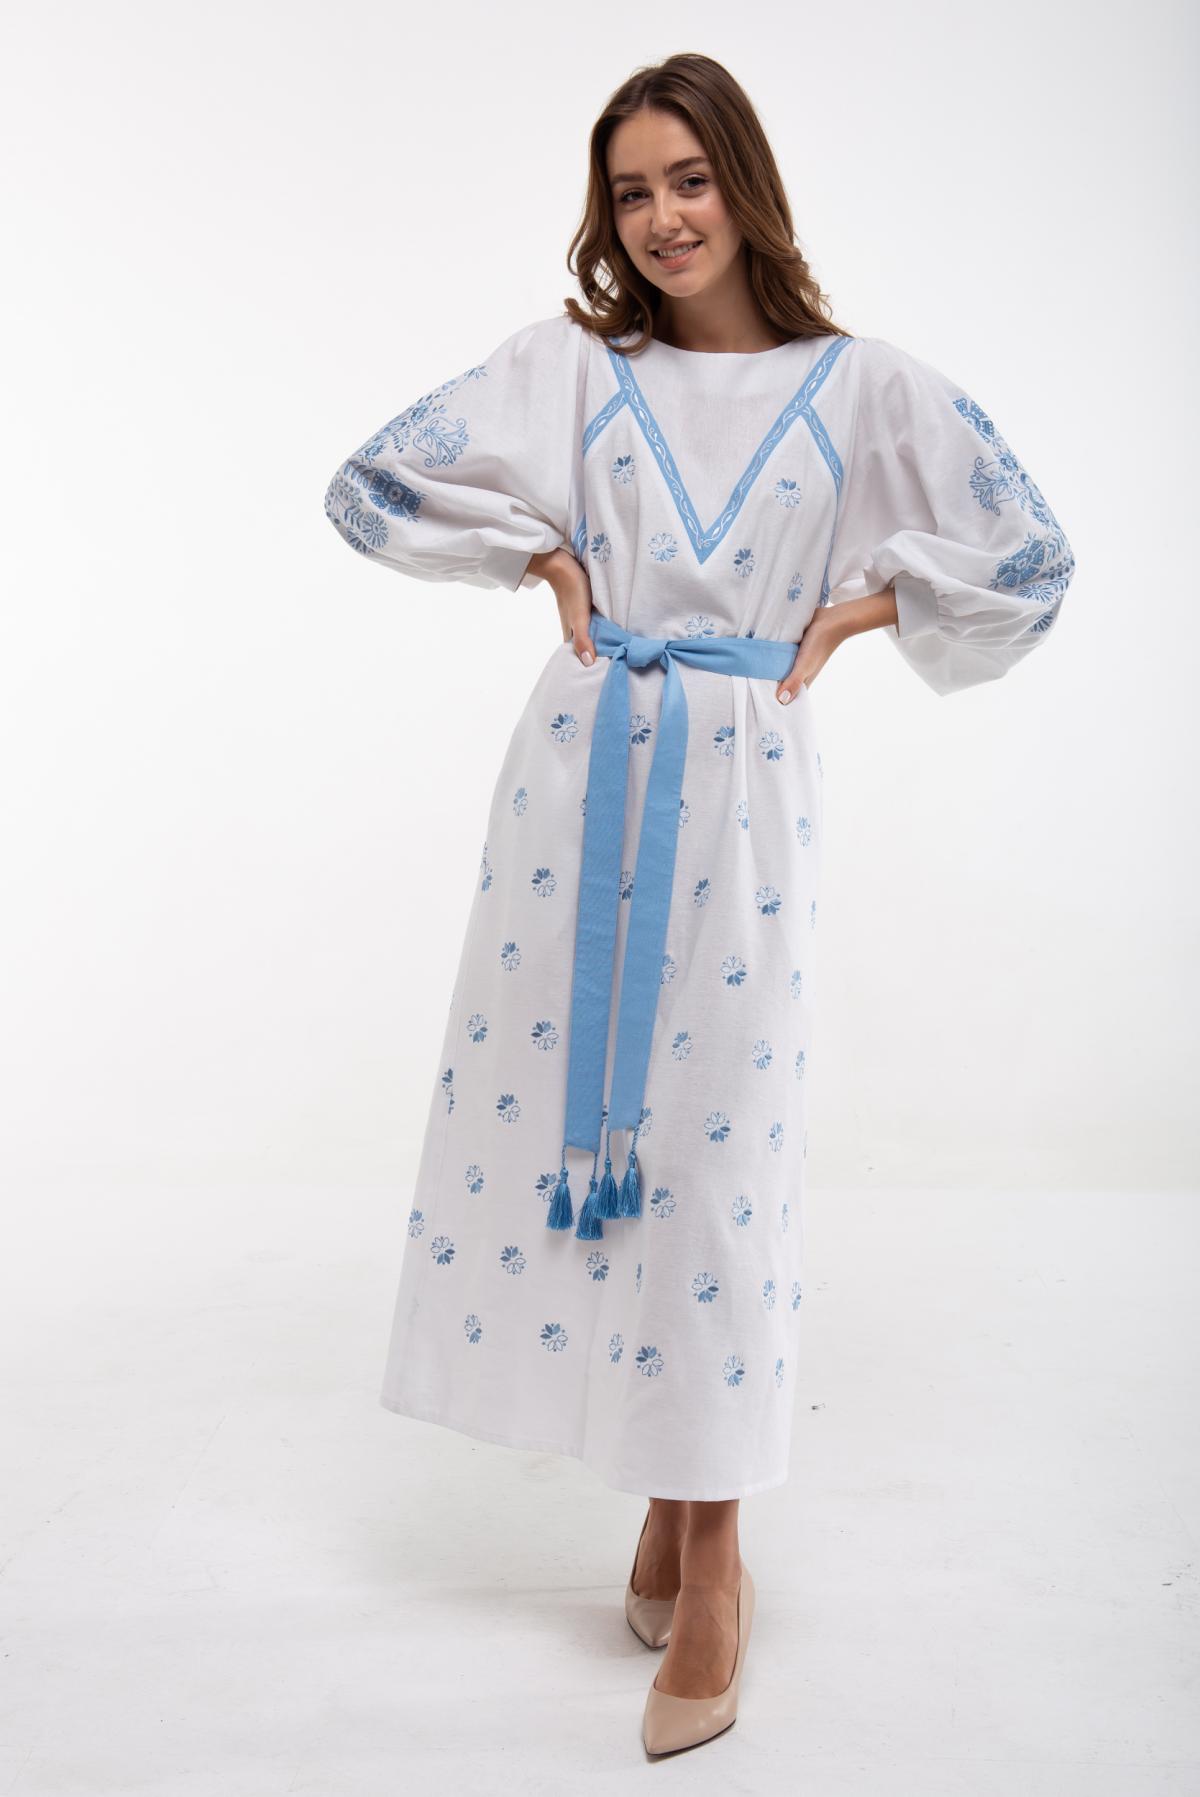 Сукня вишита Росинка біла. Фото №1. | Народний дім Україна